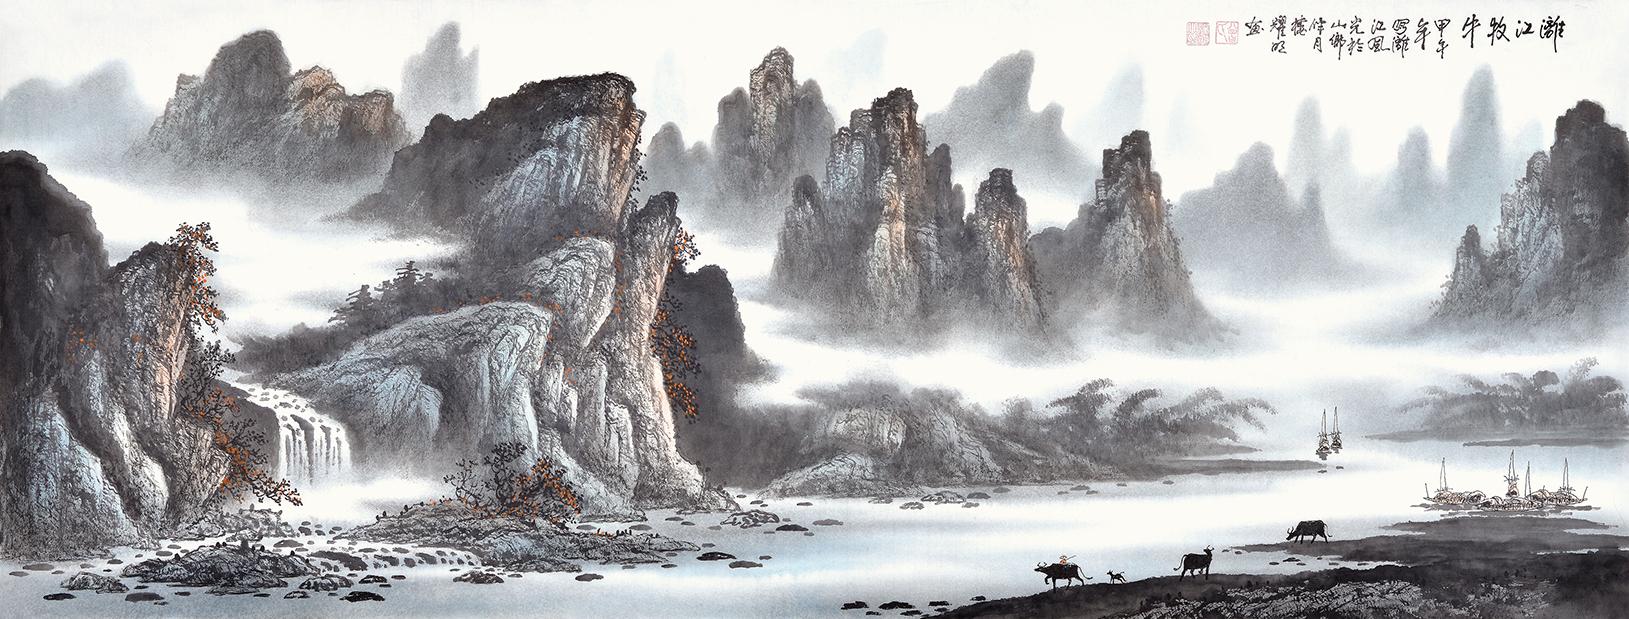 巨型横幅国画山水大�_大客厅挂什么山水画好,曾耀明六尺横幅山水画作品《漓江牧牛》